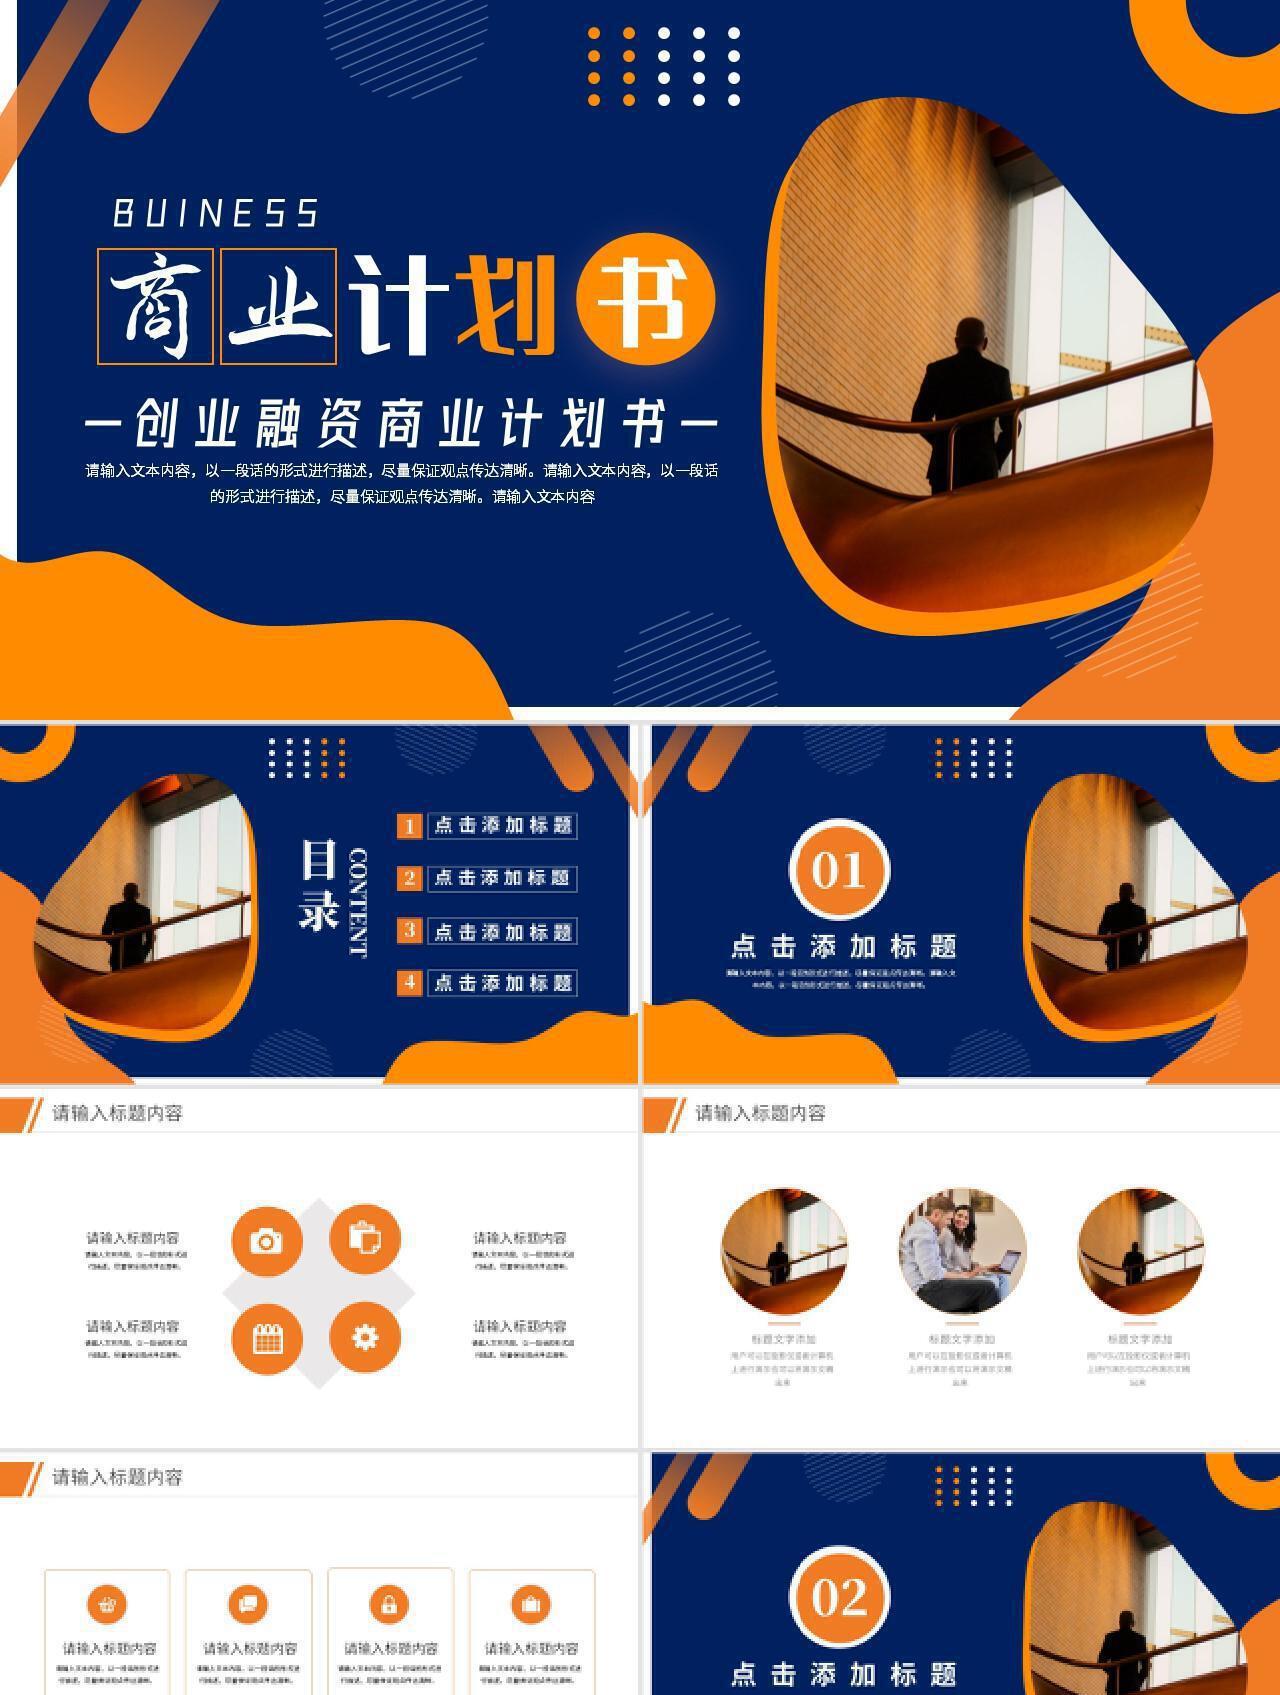 橙蓝色简约风创业融资商业计划书PPT模板